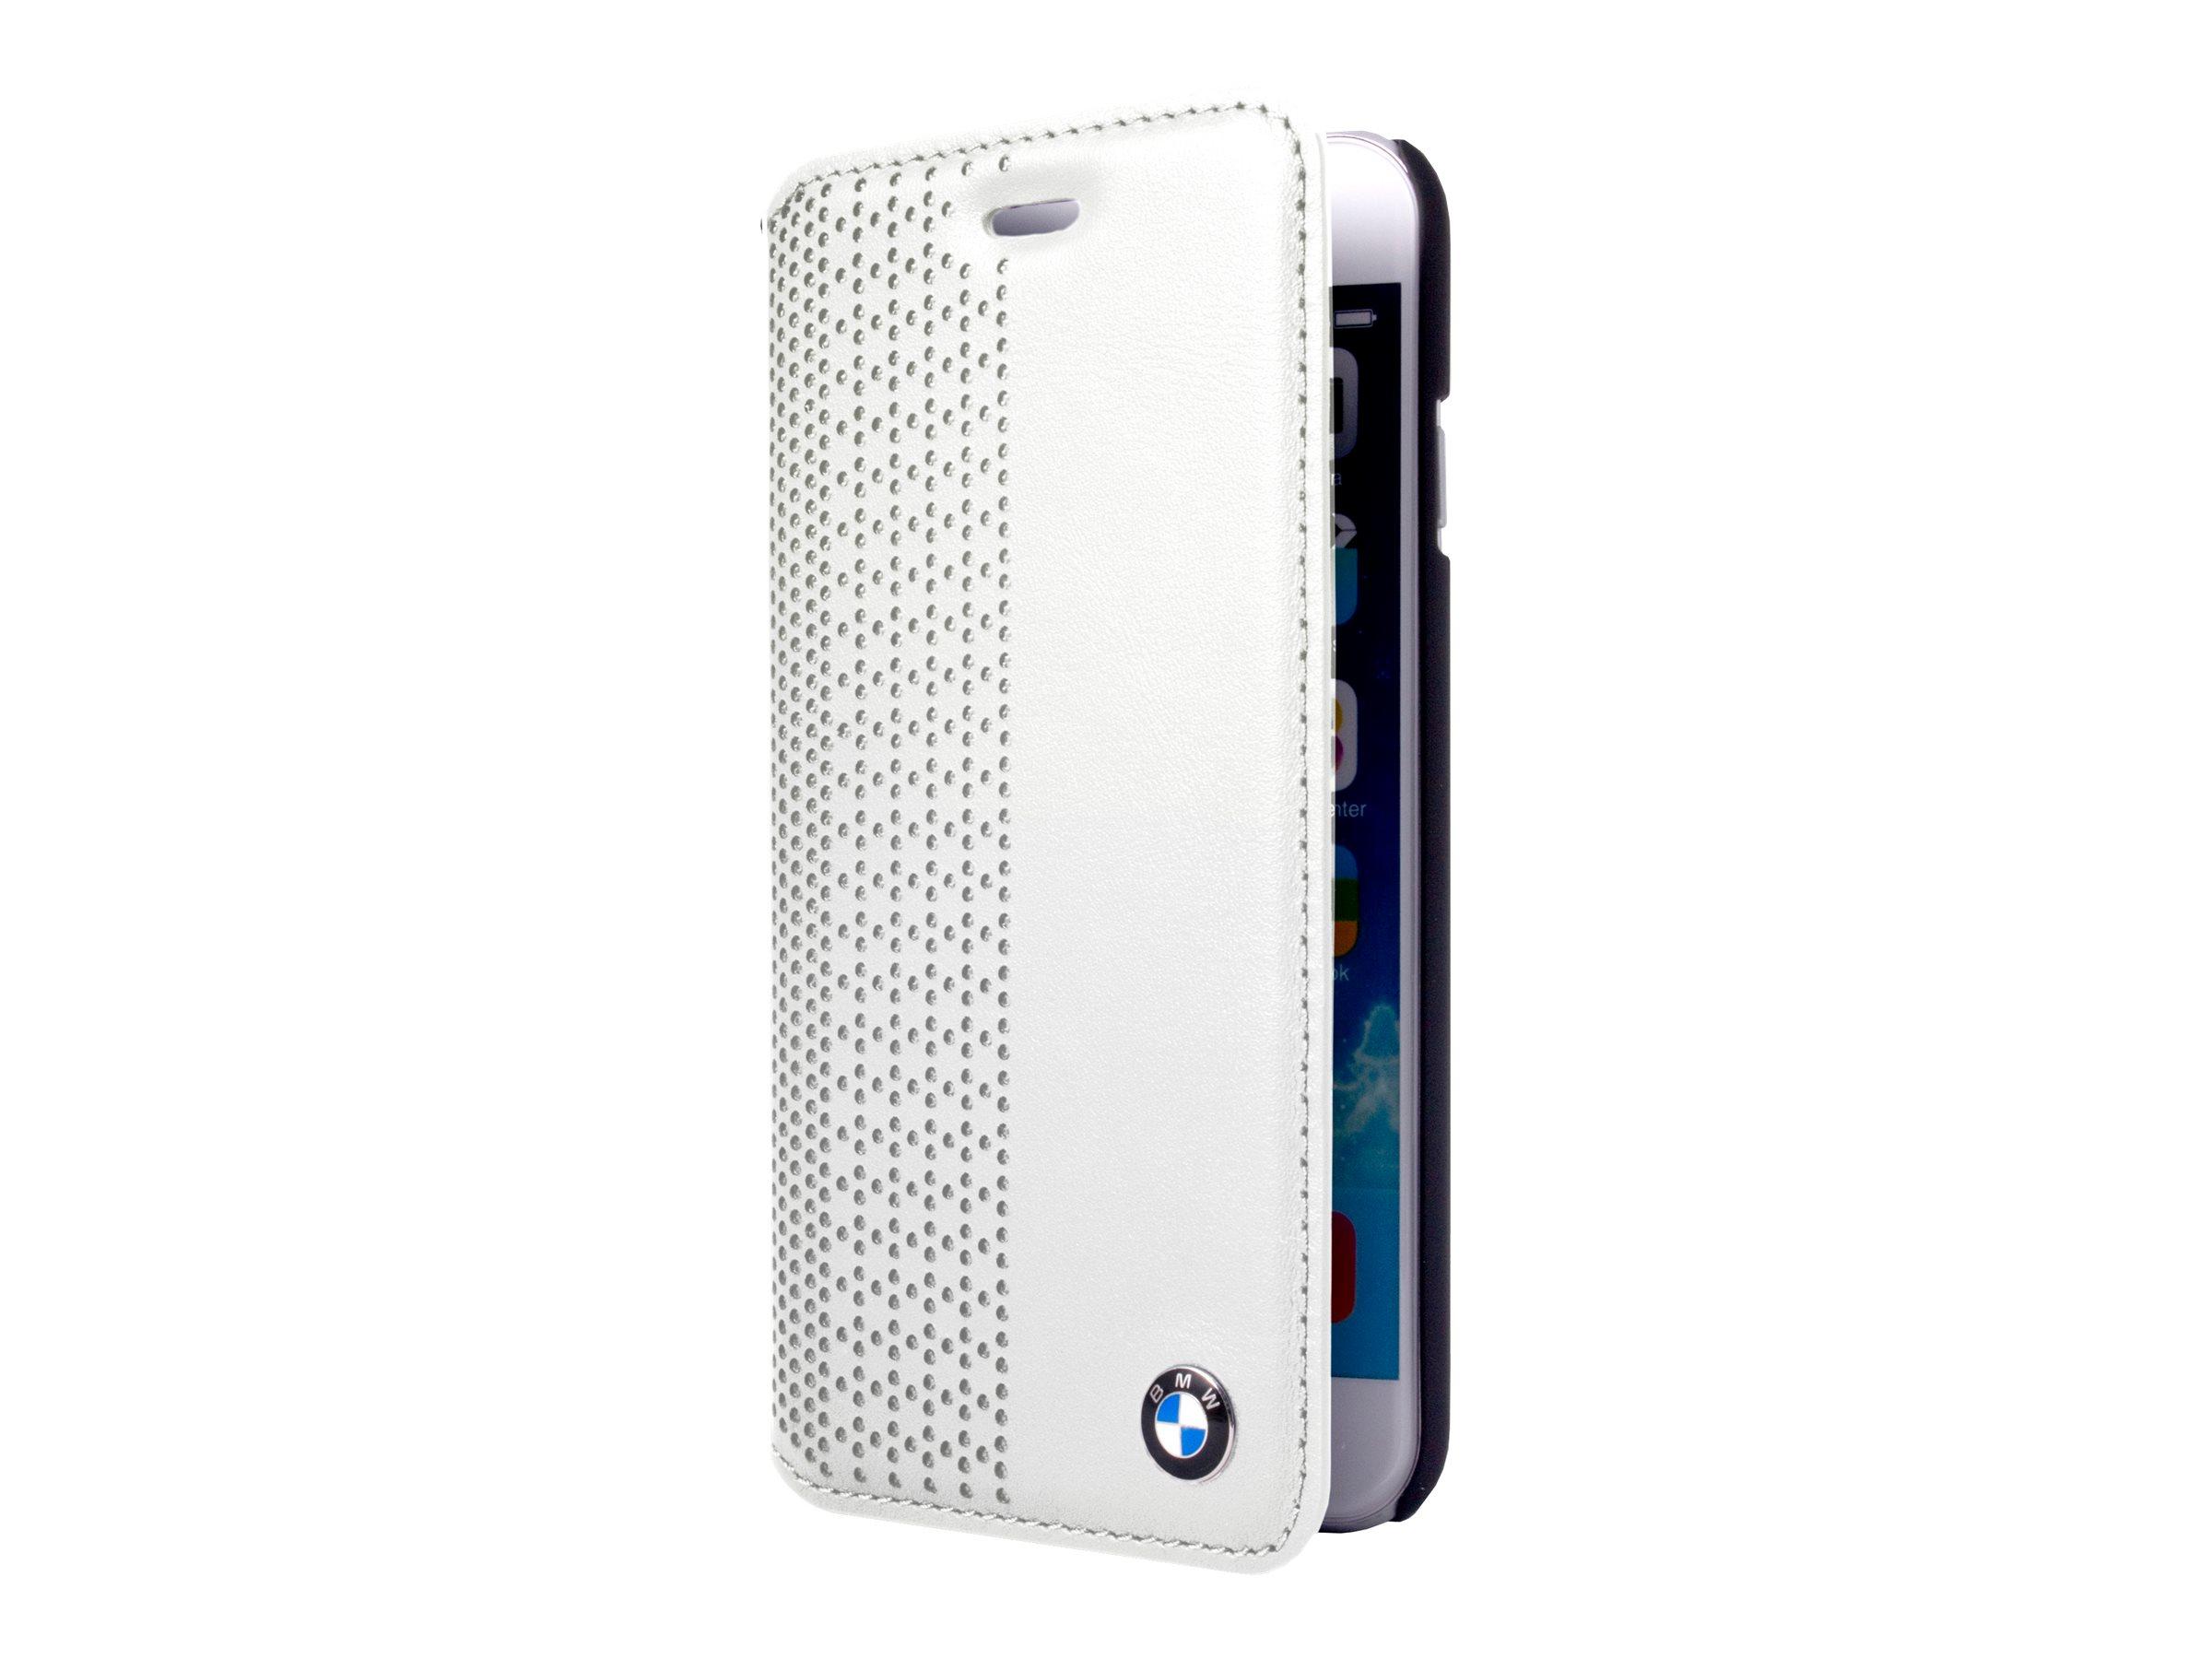 BMW - Protection à rabat pour iPhone - cuir véritable - blanc - pour iPhone 6 Plus, 6s Plus